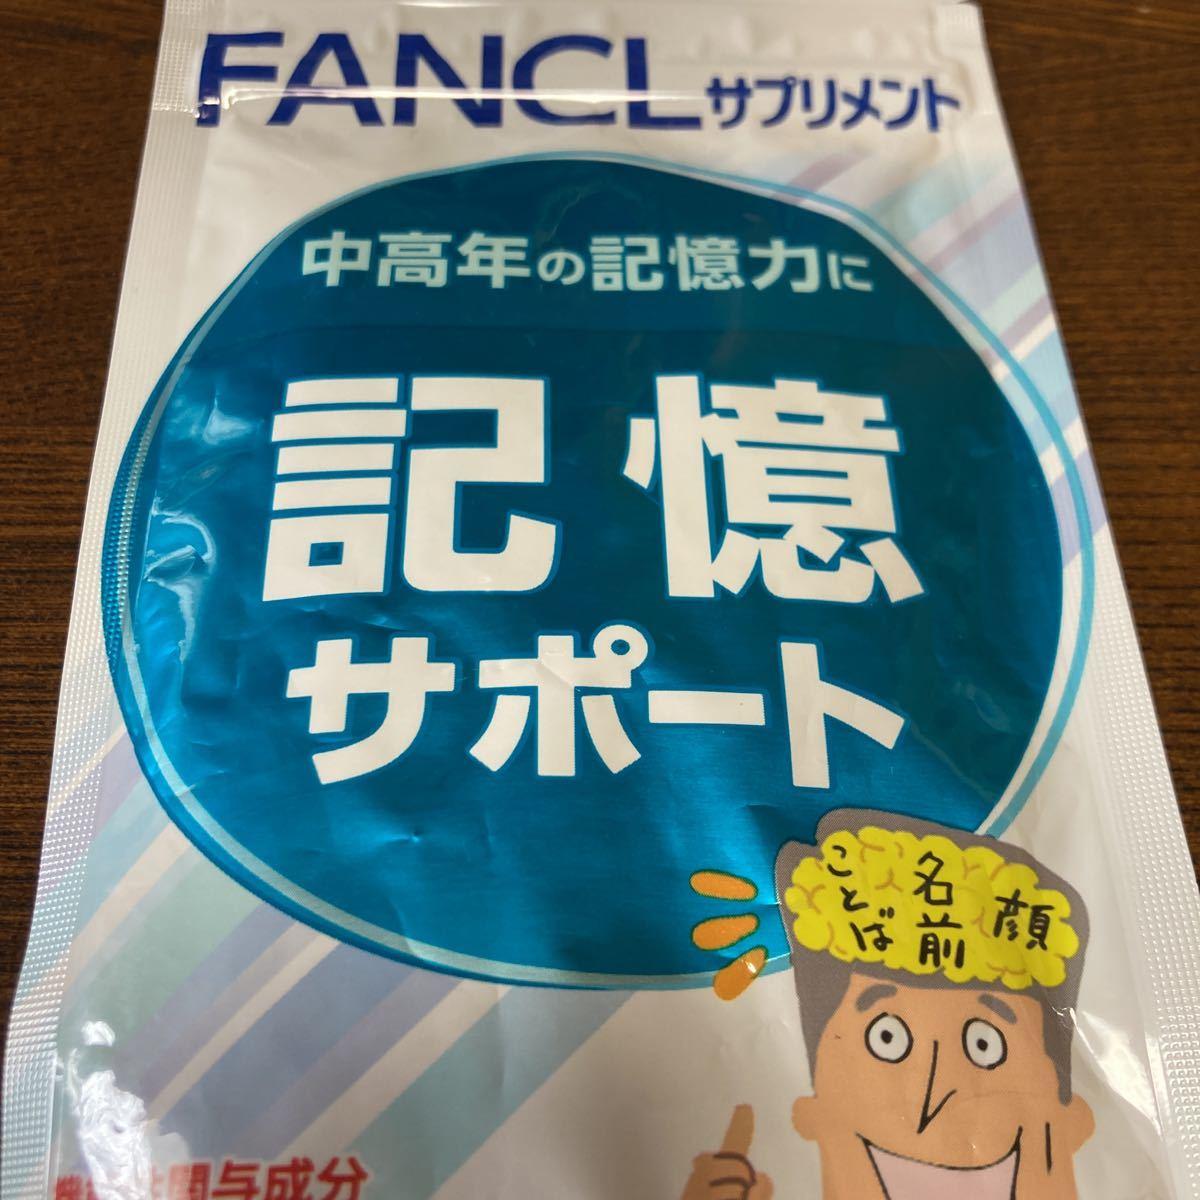 FANCL・ファンケル・記憶サポート 20日分 FANCLサプリメント 機能性表示食品 ゴールドクーポン利用 送料無料 即決_画像2